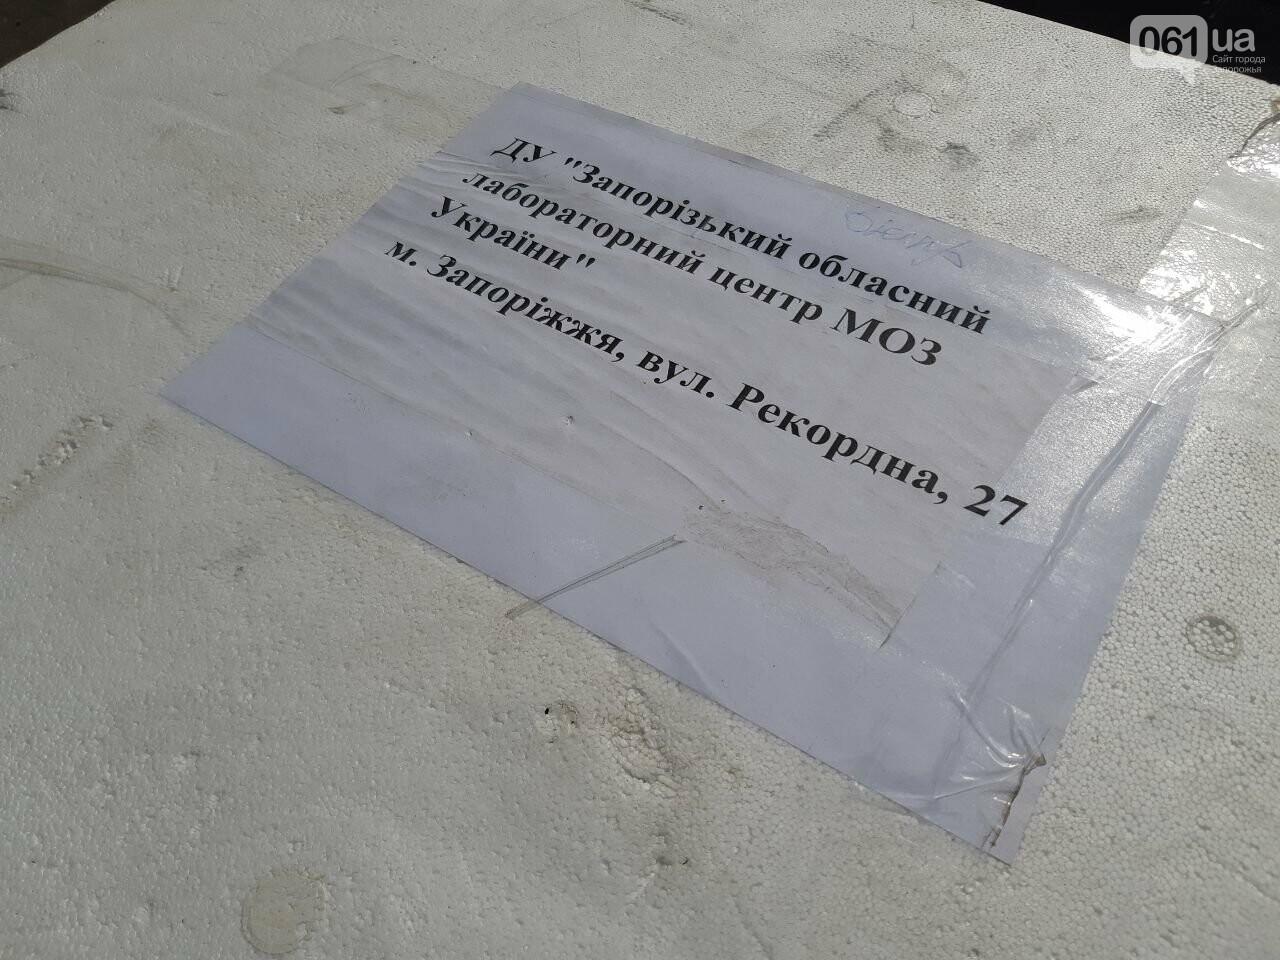 Запорожская область получила партию ПЦР-тестов - запасов хватит на 4 тысячи человек, - ФОТО, фото-3